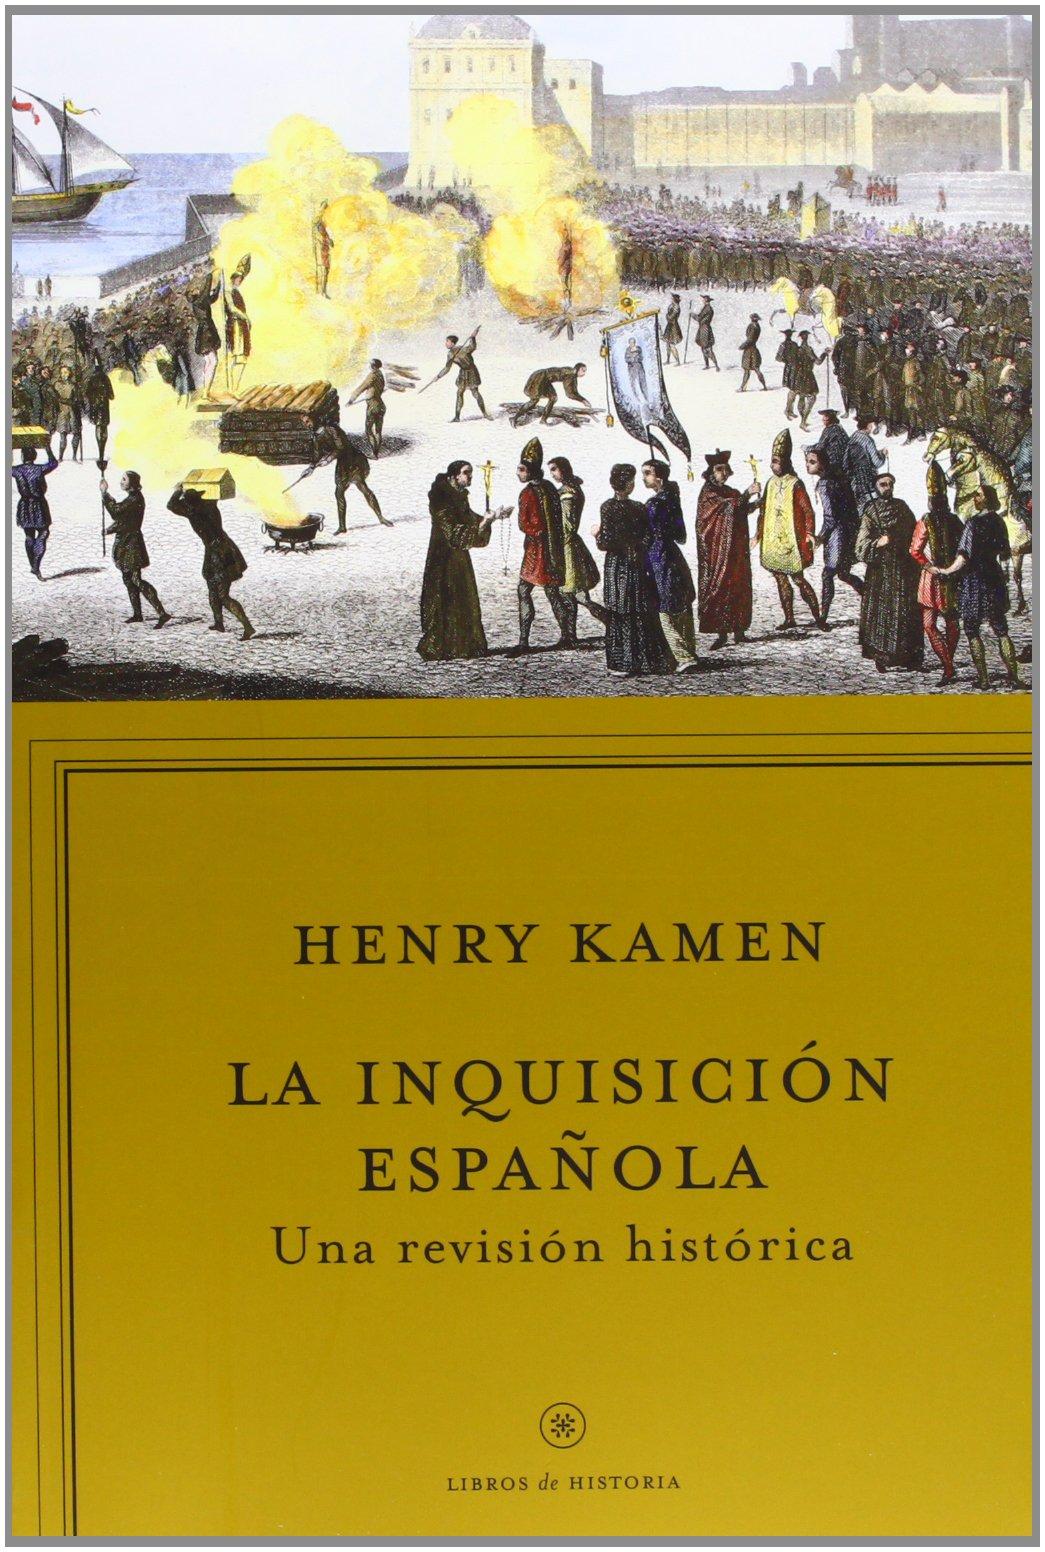 La Inquisicion española: Una revisión histórica Libros de Historia: Amazon.es: Kamen, Henry, Morrás Ruiz-Falcó, María: Libros